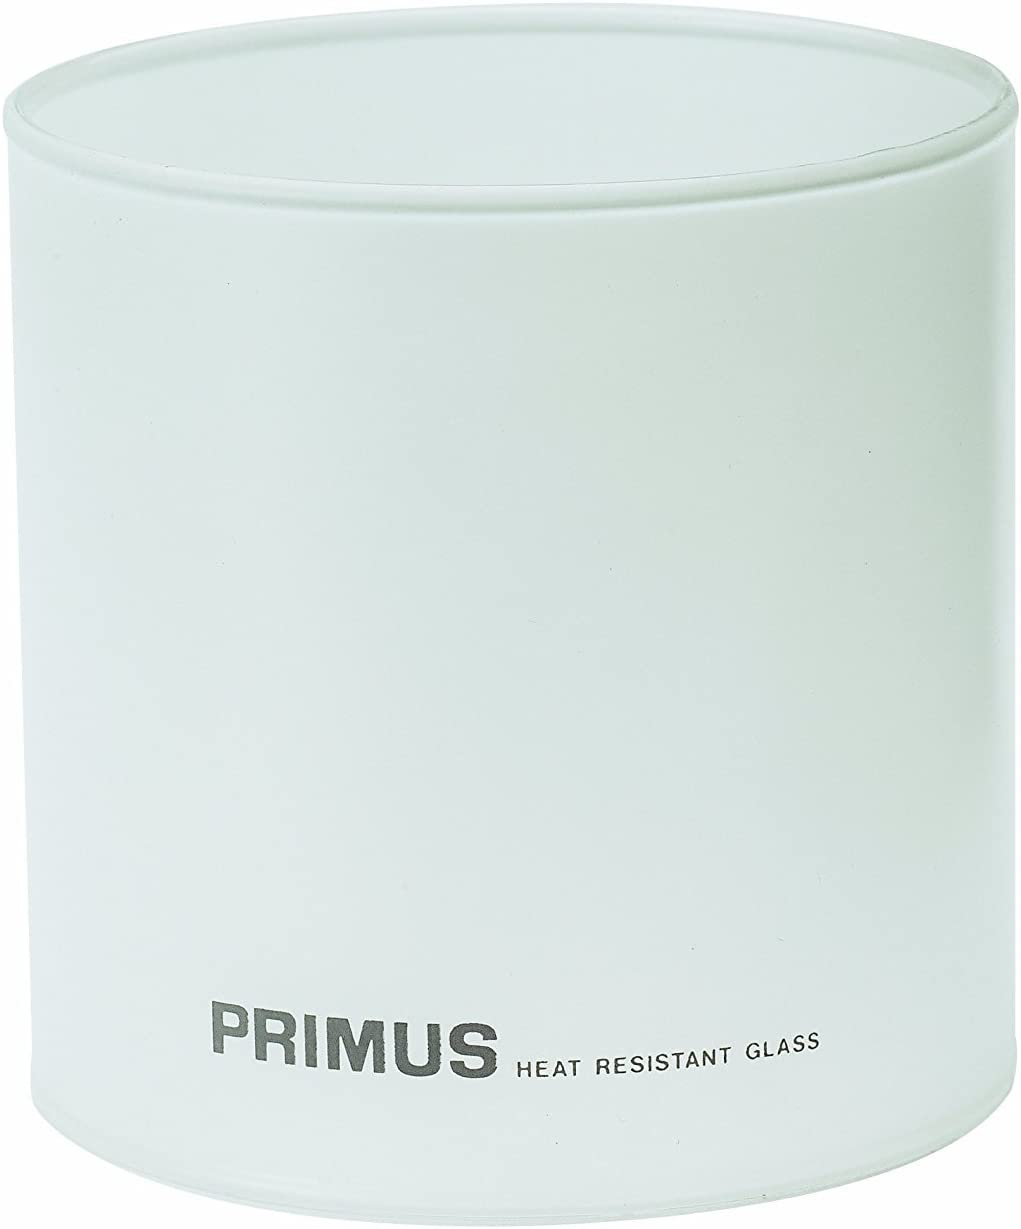 Primus Ersatzglas f/ür Frey Mimer Duo One Size Wei/ß